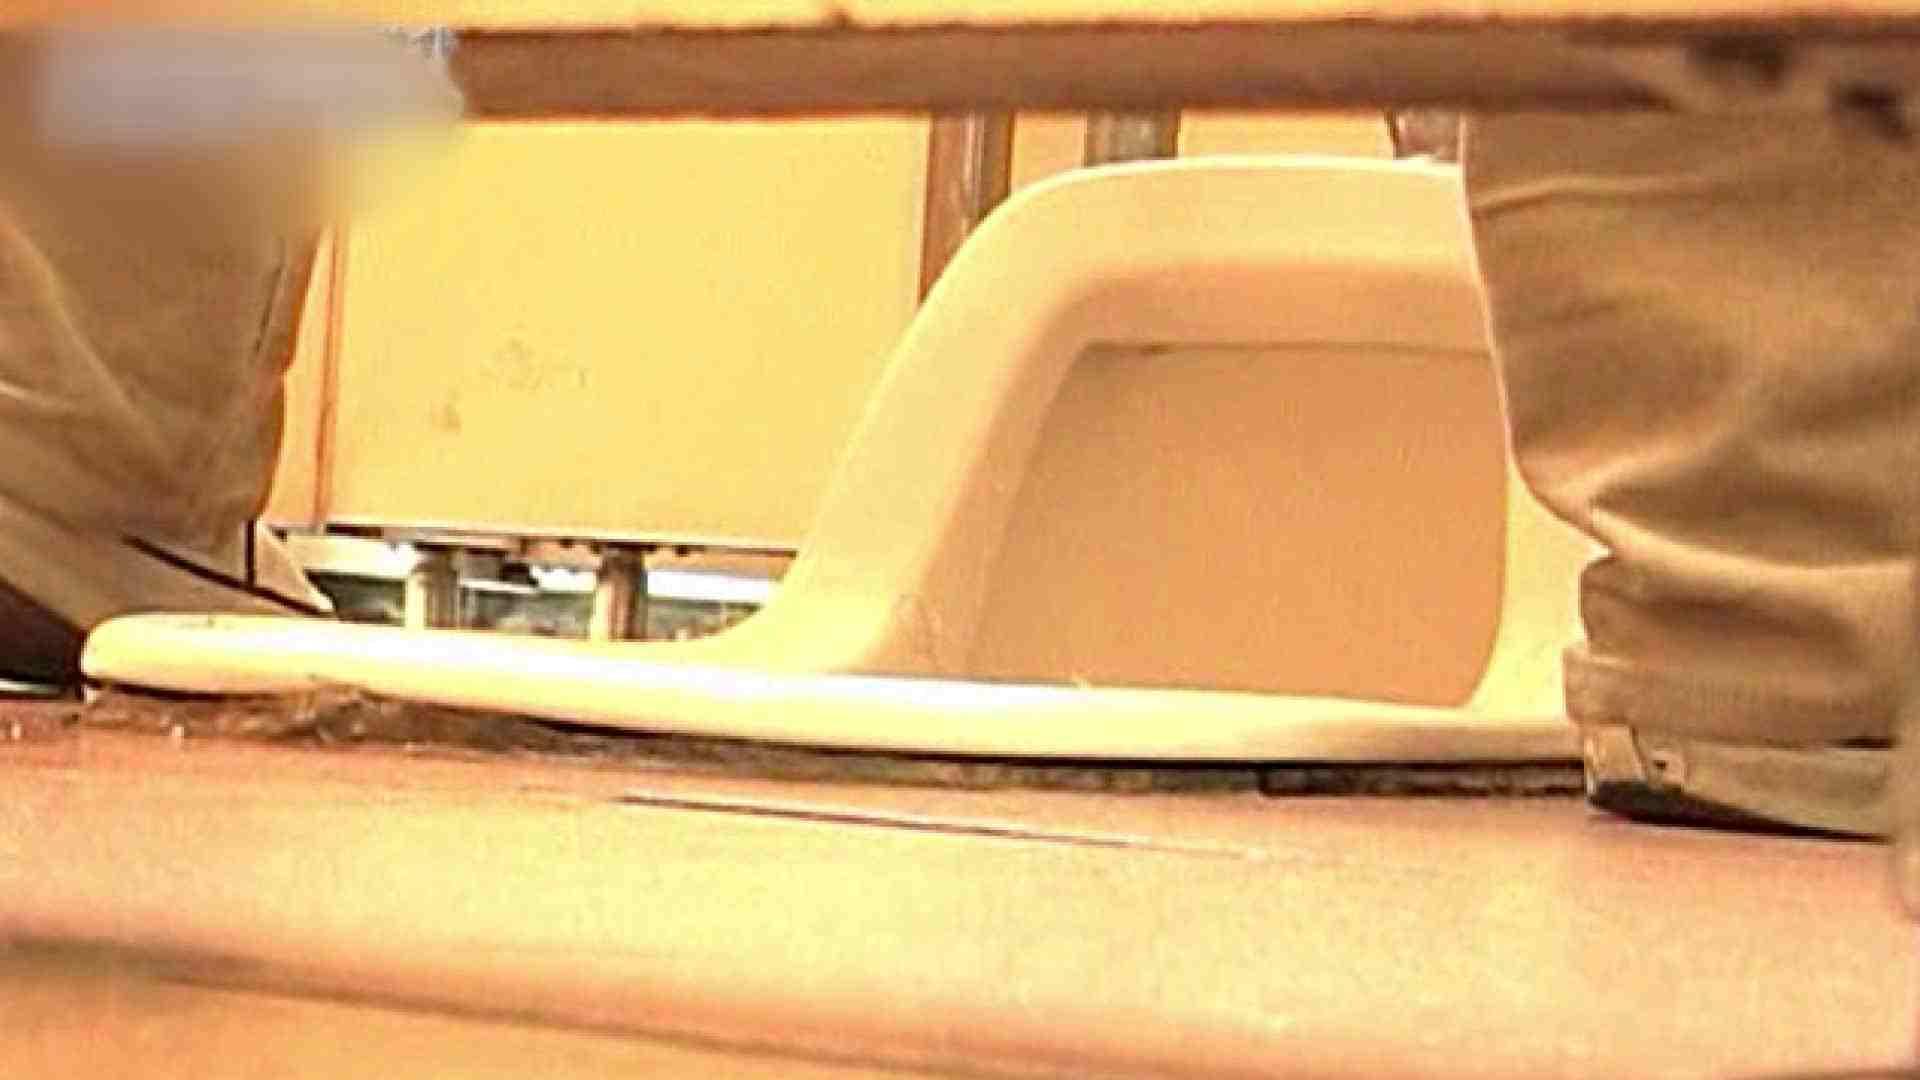 ロックハンドさんの盗撮記録File.54 マンコ・ムレムレ オマンコ動画キャプチャ 94pic 44